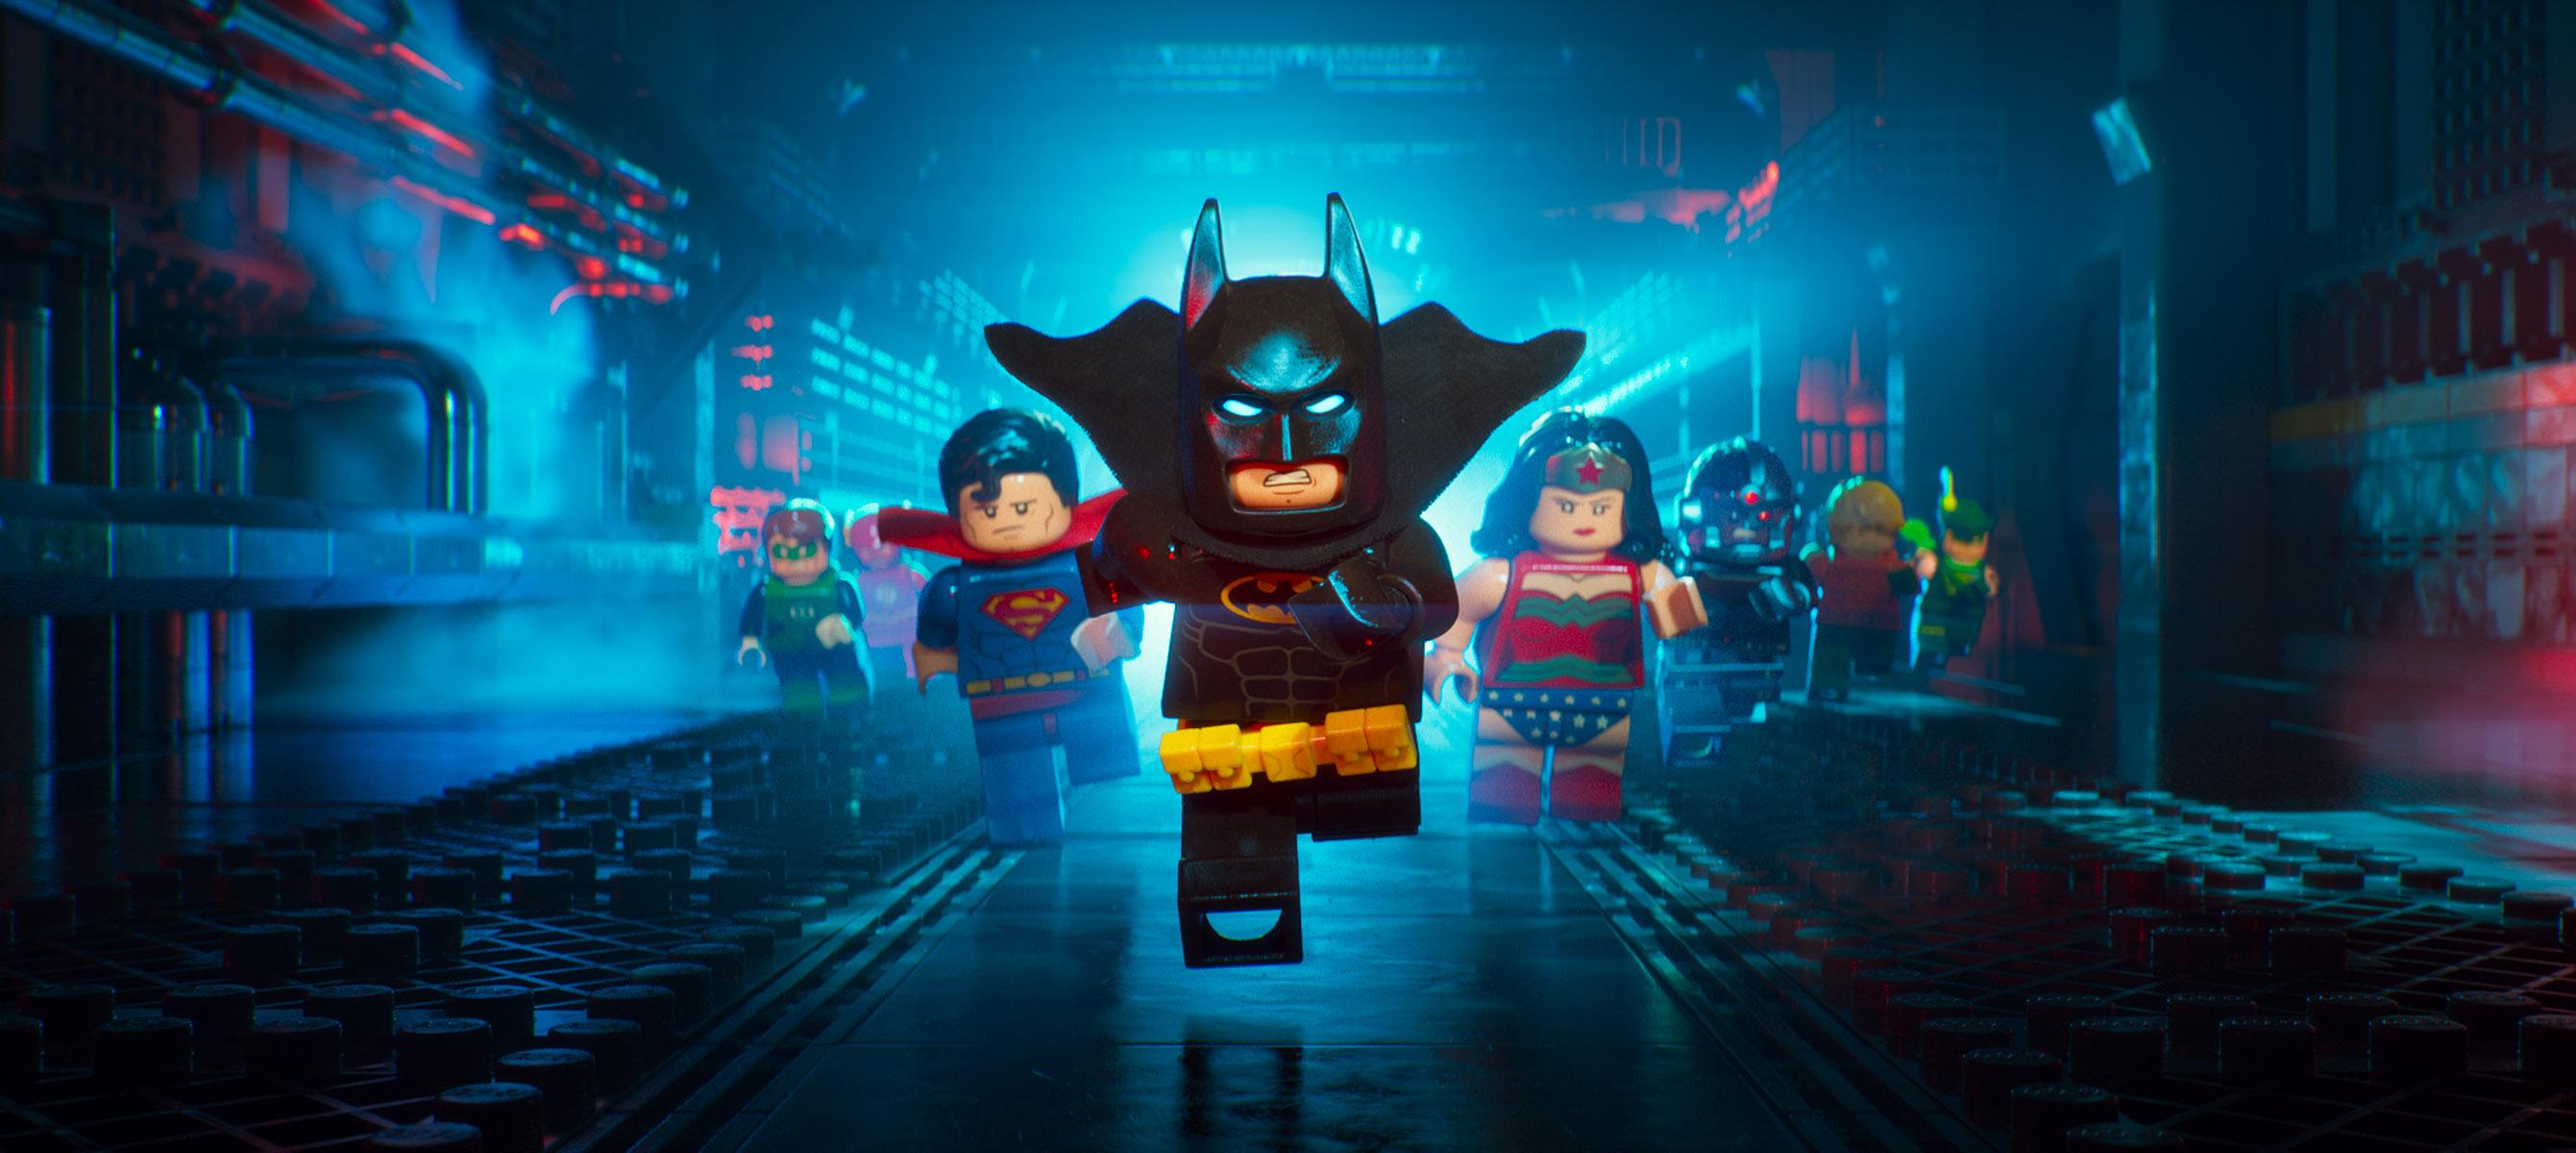 РАСПРОДАЖА ЛЕГО  игрушки Lego купить конструкторы Лего в